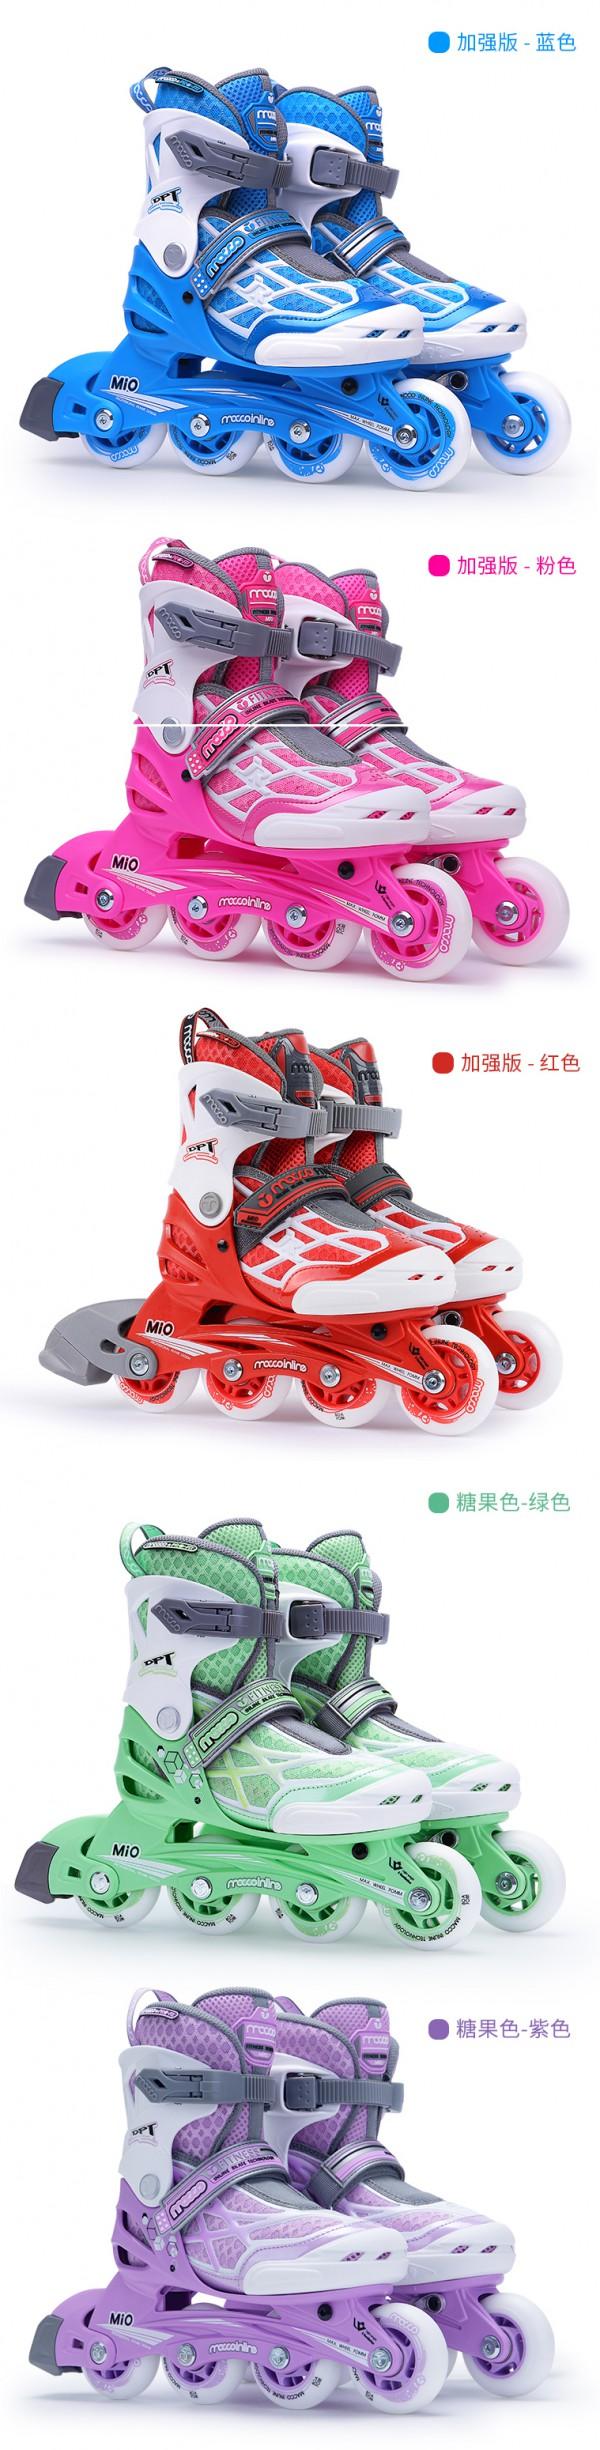 米高儿童全套装溜冰轮滑鞋    四码调节系统更具稳定性·玩耍更安全